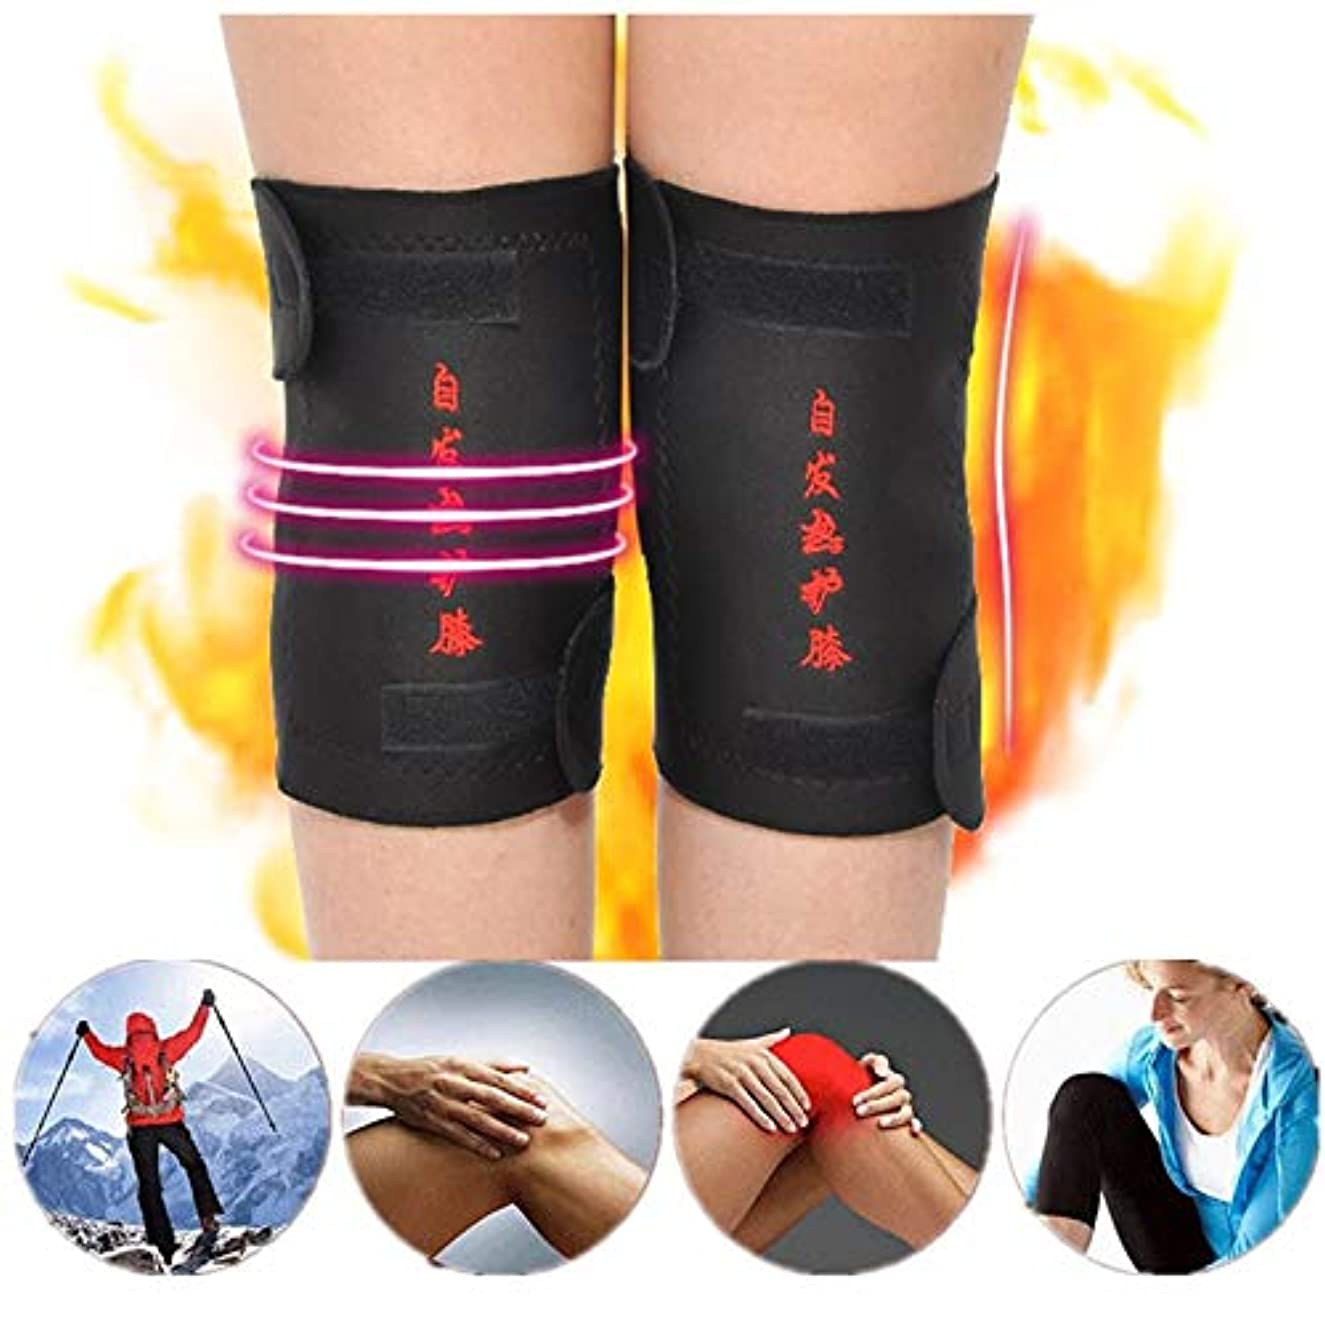 虚栄心ひねくれた腹1 ペア 毎日健康 ケア 膝の痛み救済傷害捻挫自己加熱された膝 パッド 付き磁気治療内部加熱膝 パッド